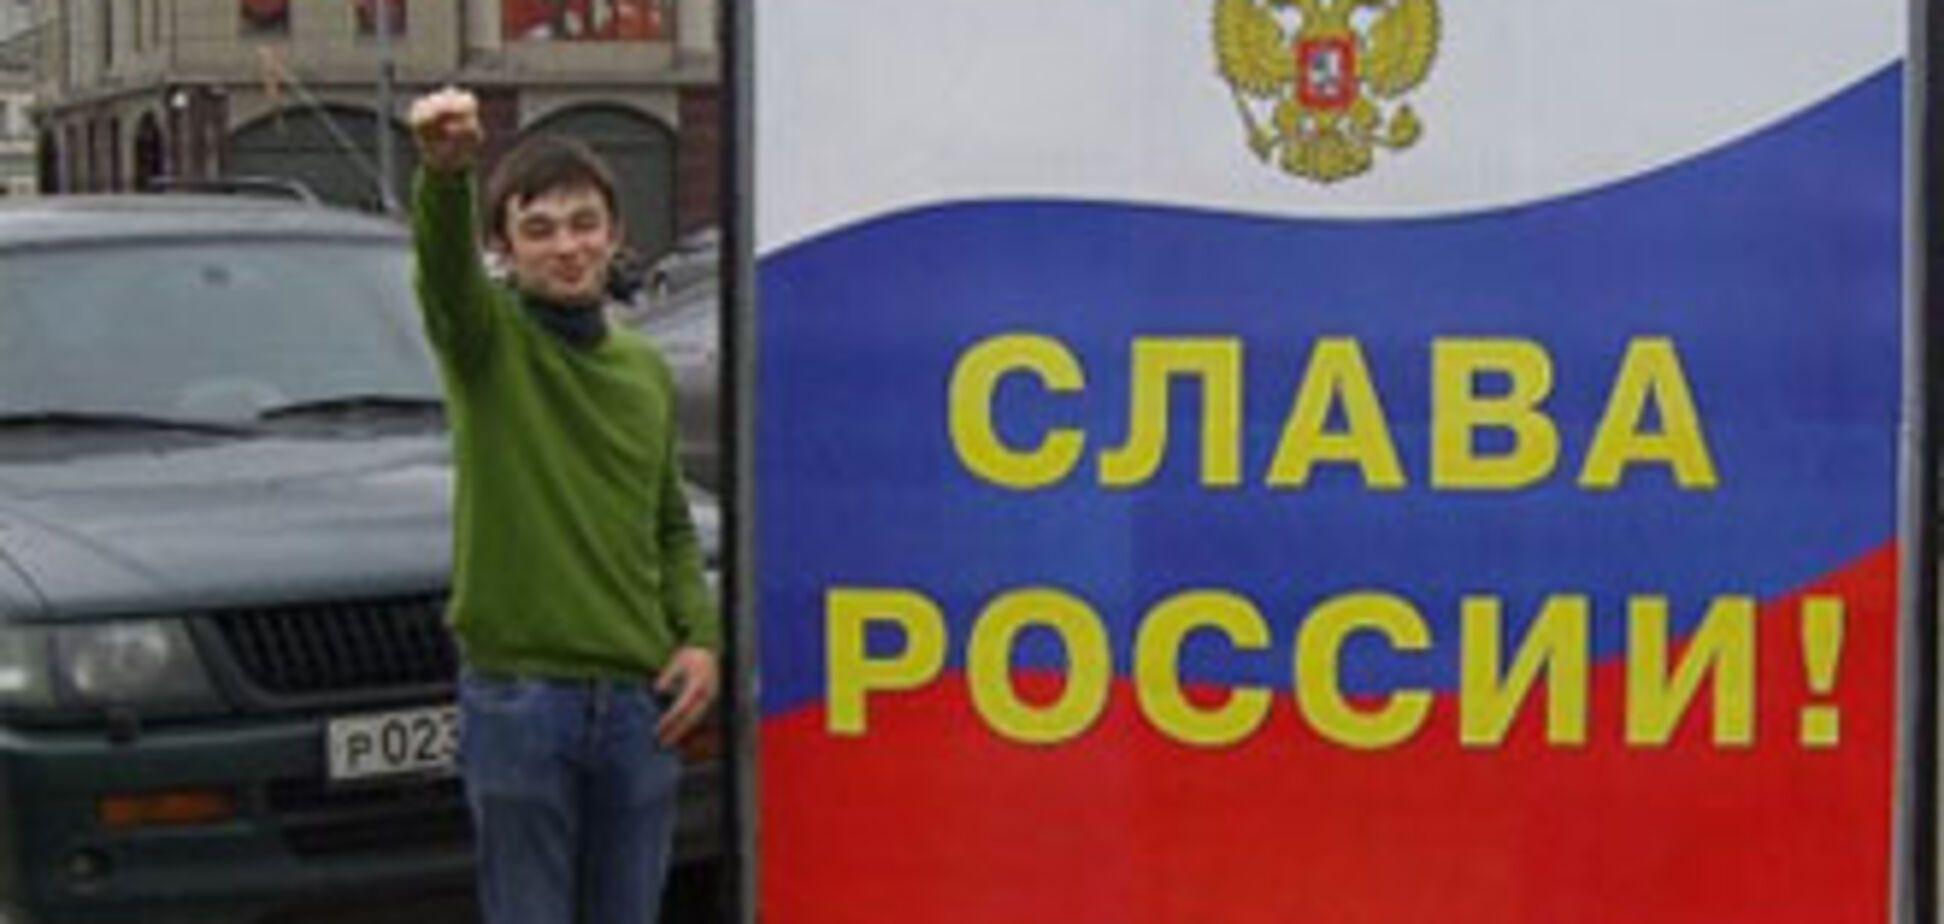 Российские судэксперты покрывают нацистов и скинхедов